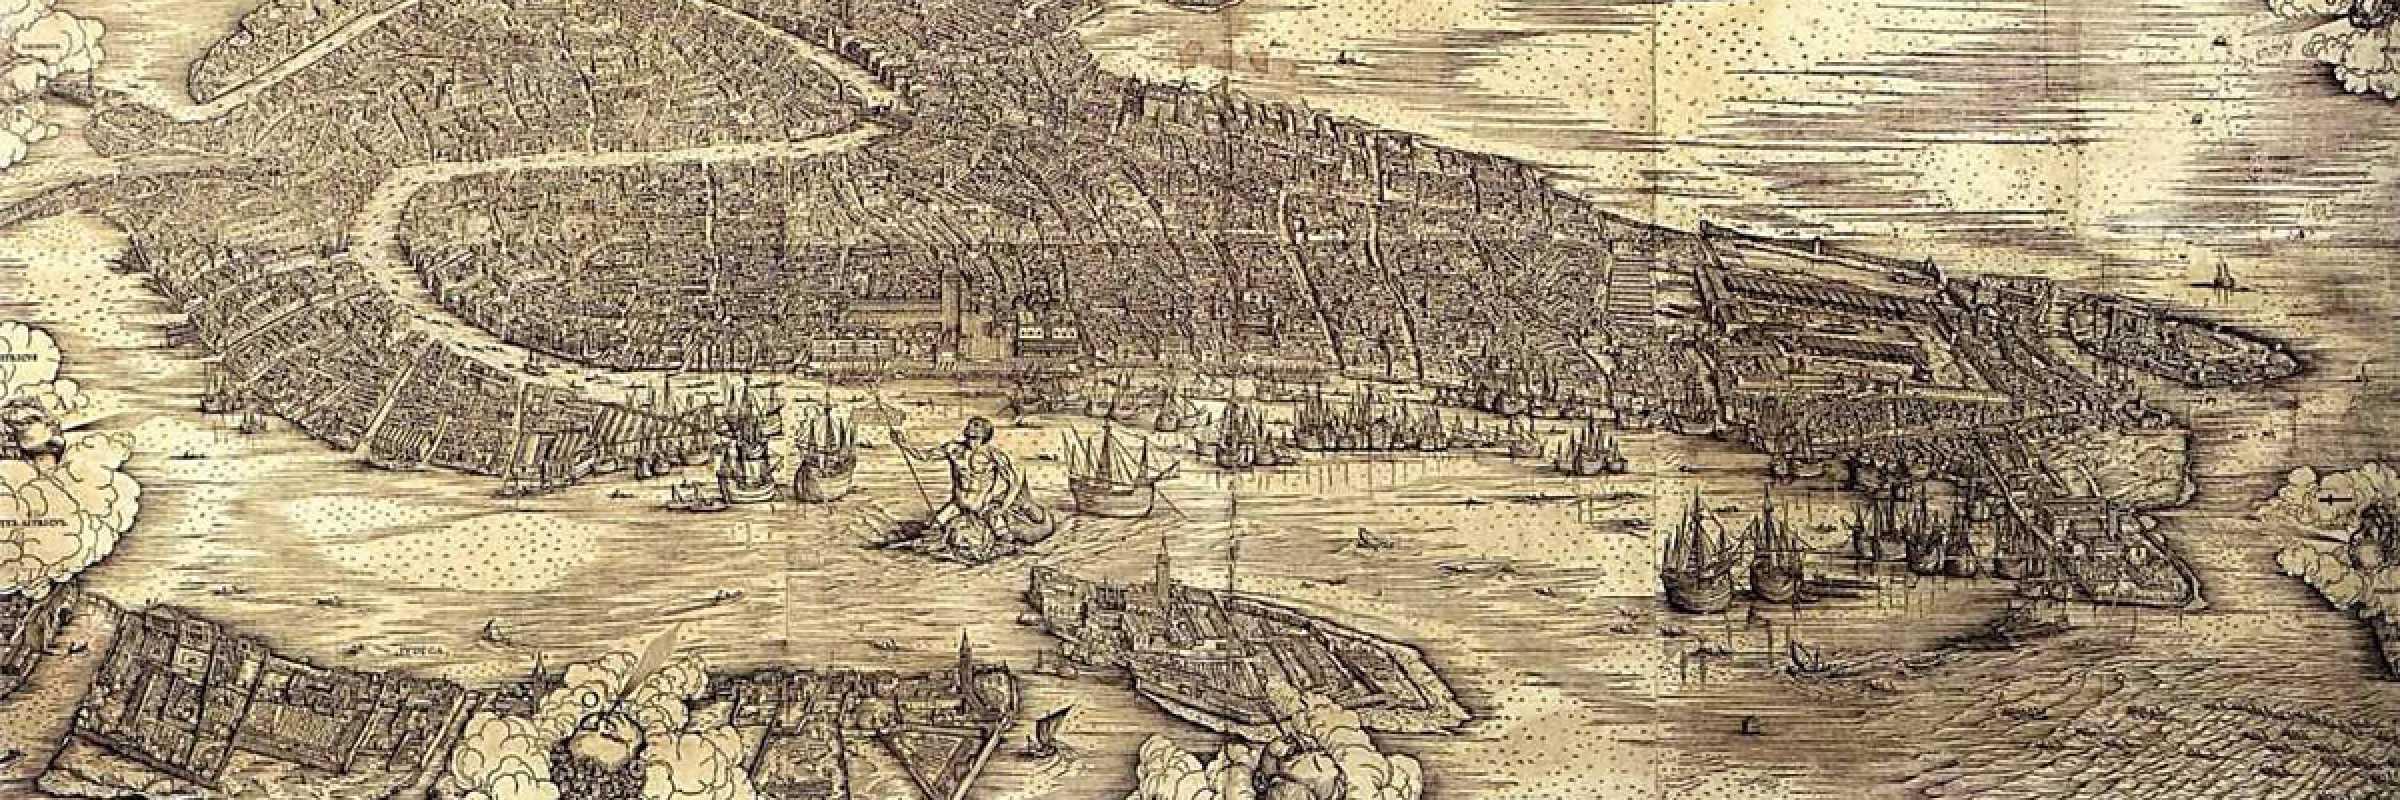 The bird's eye view of Venice by Jacopo de Barbari, 1500.